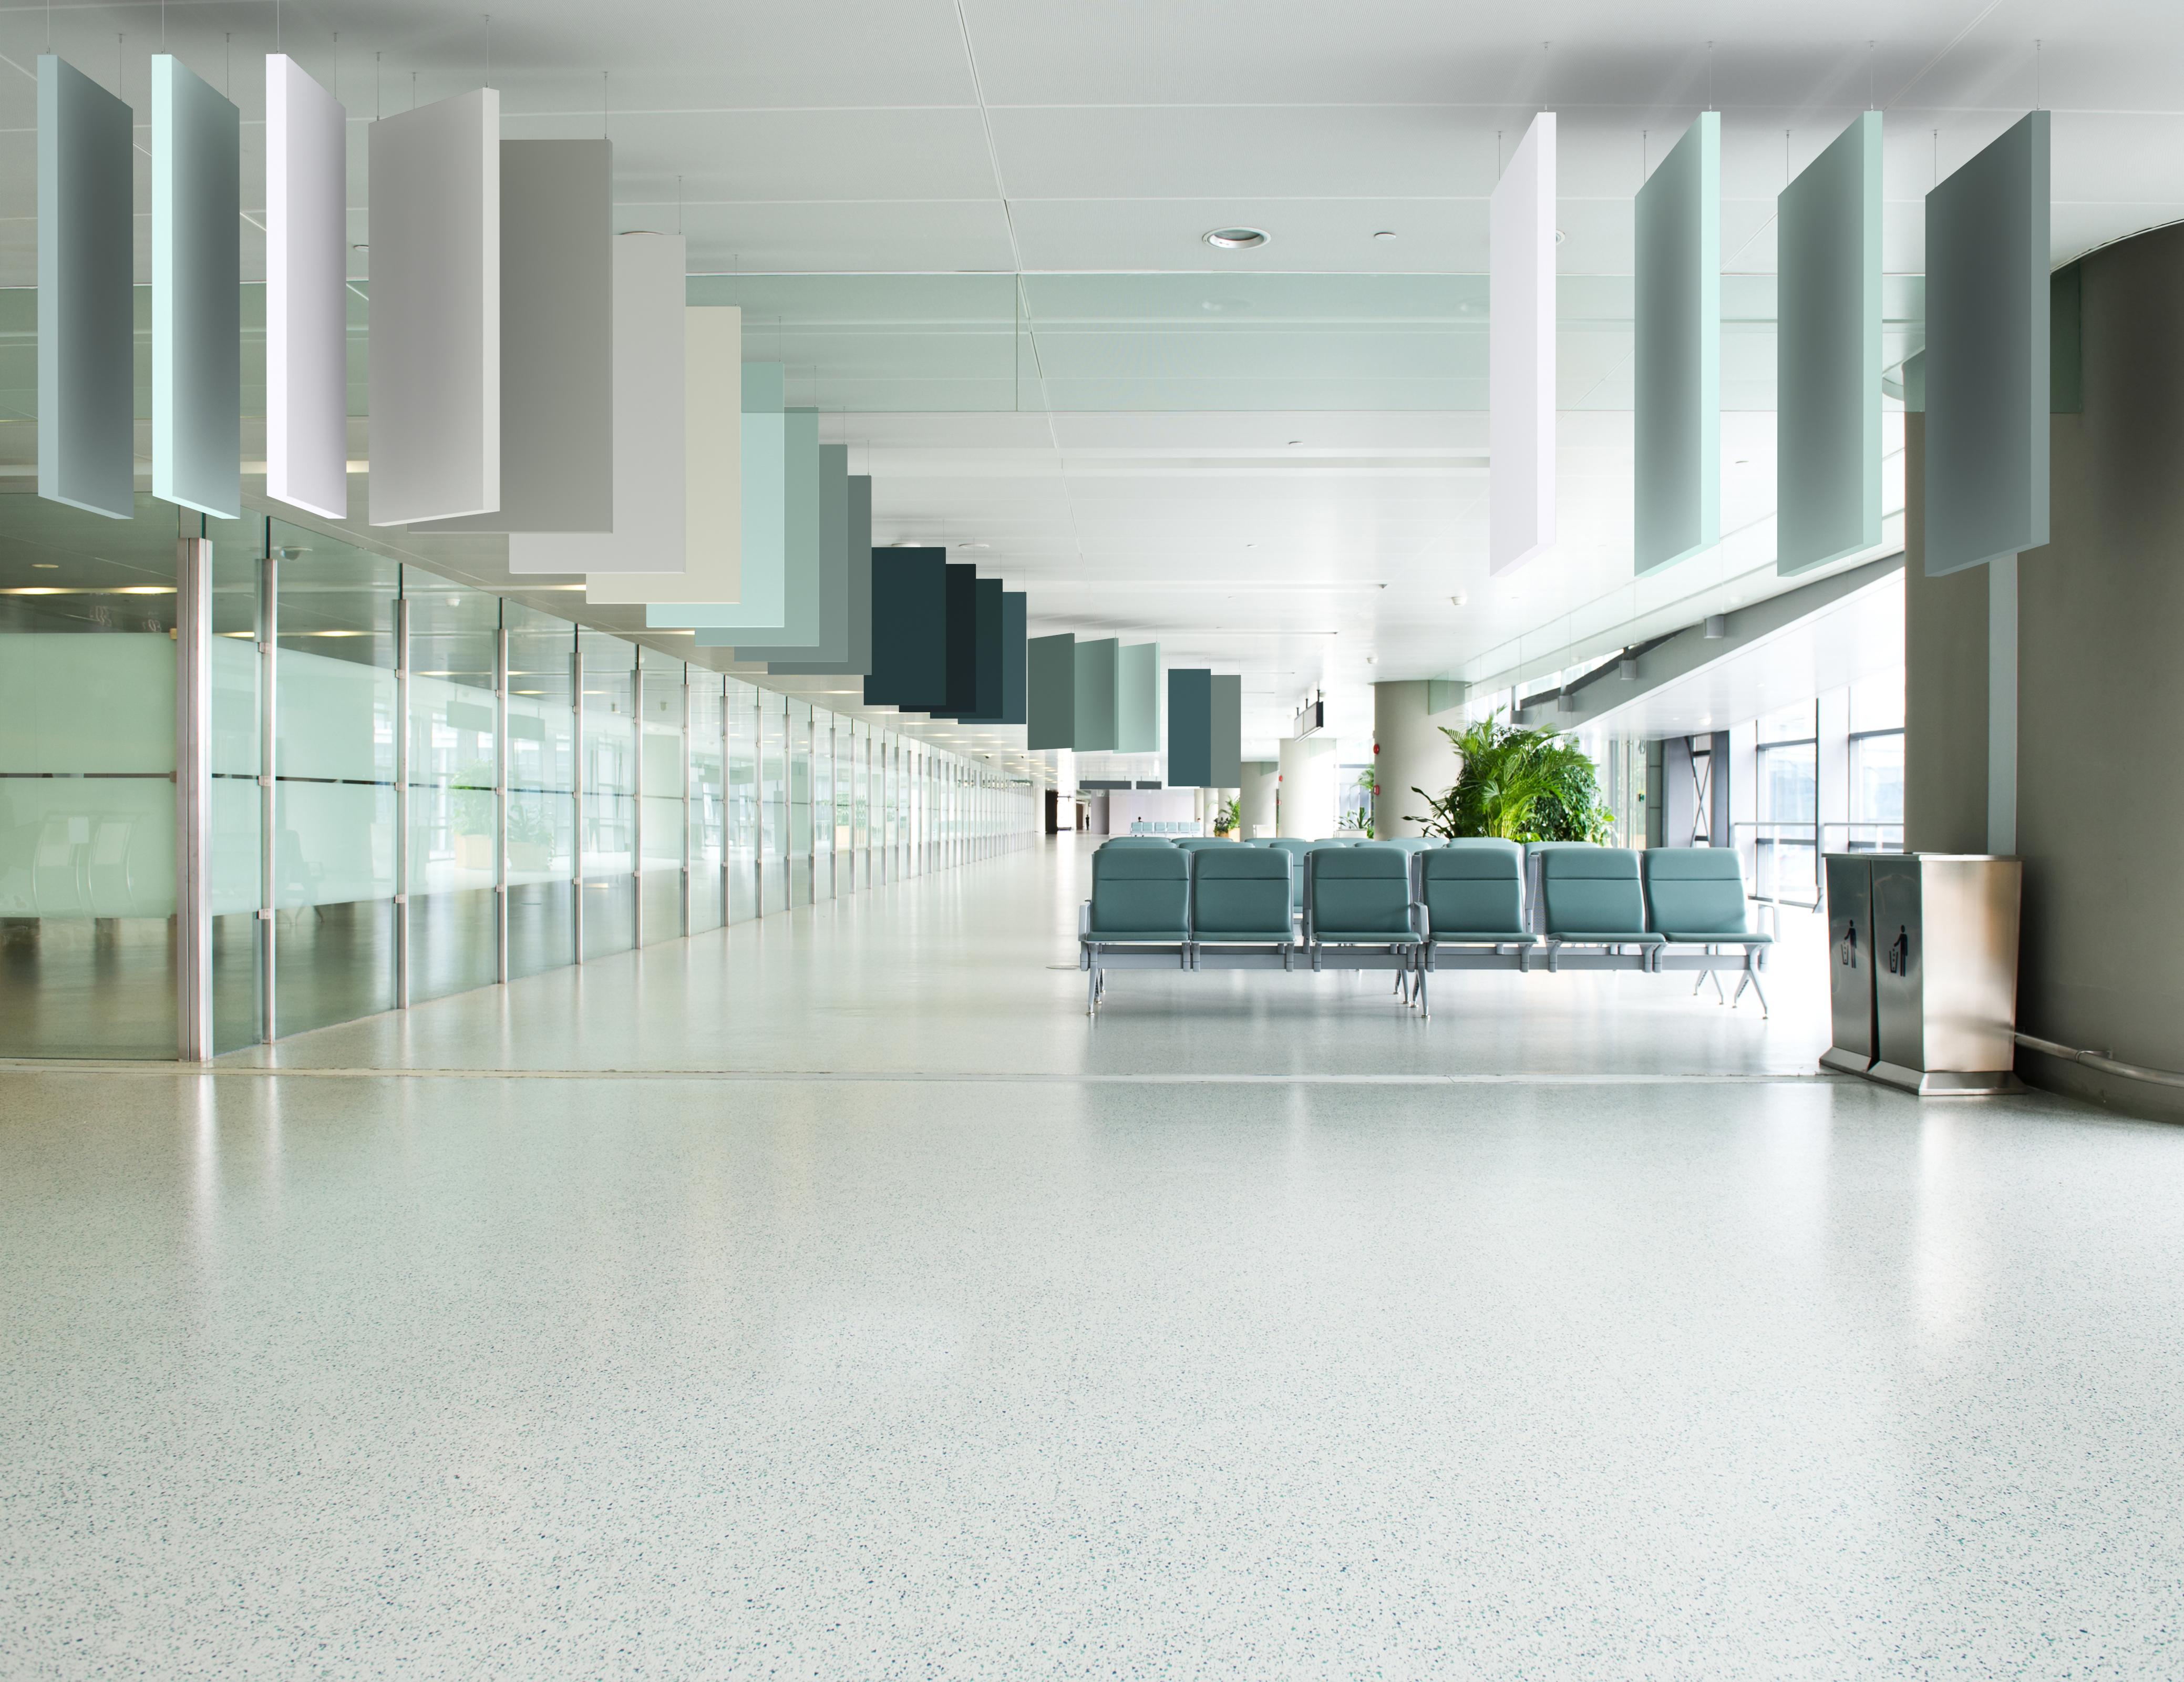 Công trình sân bay lắp đặt tấm Arcolis